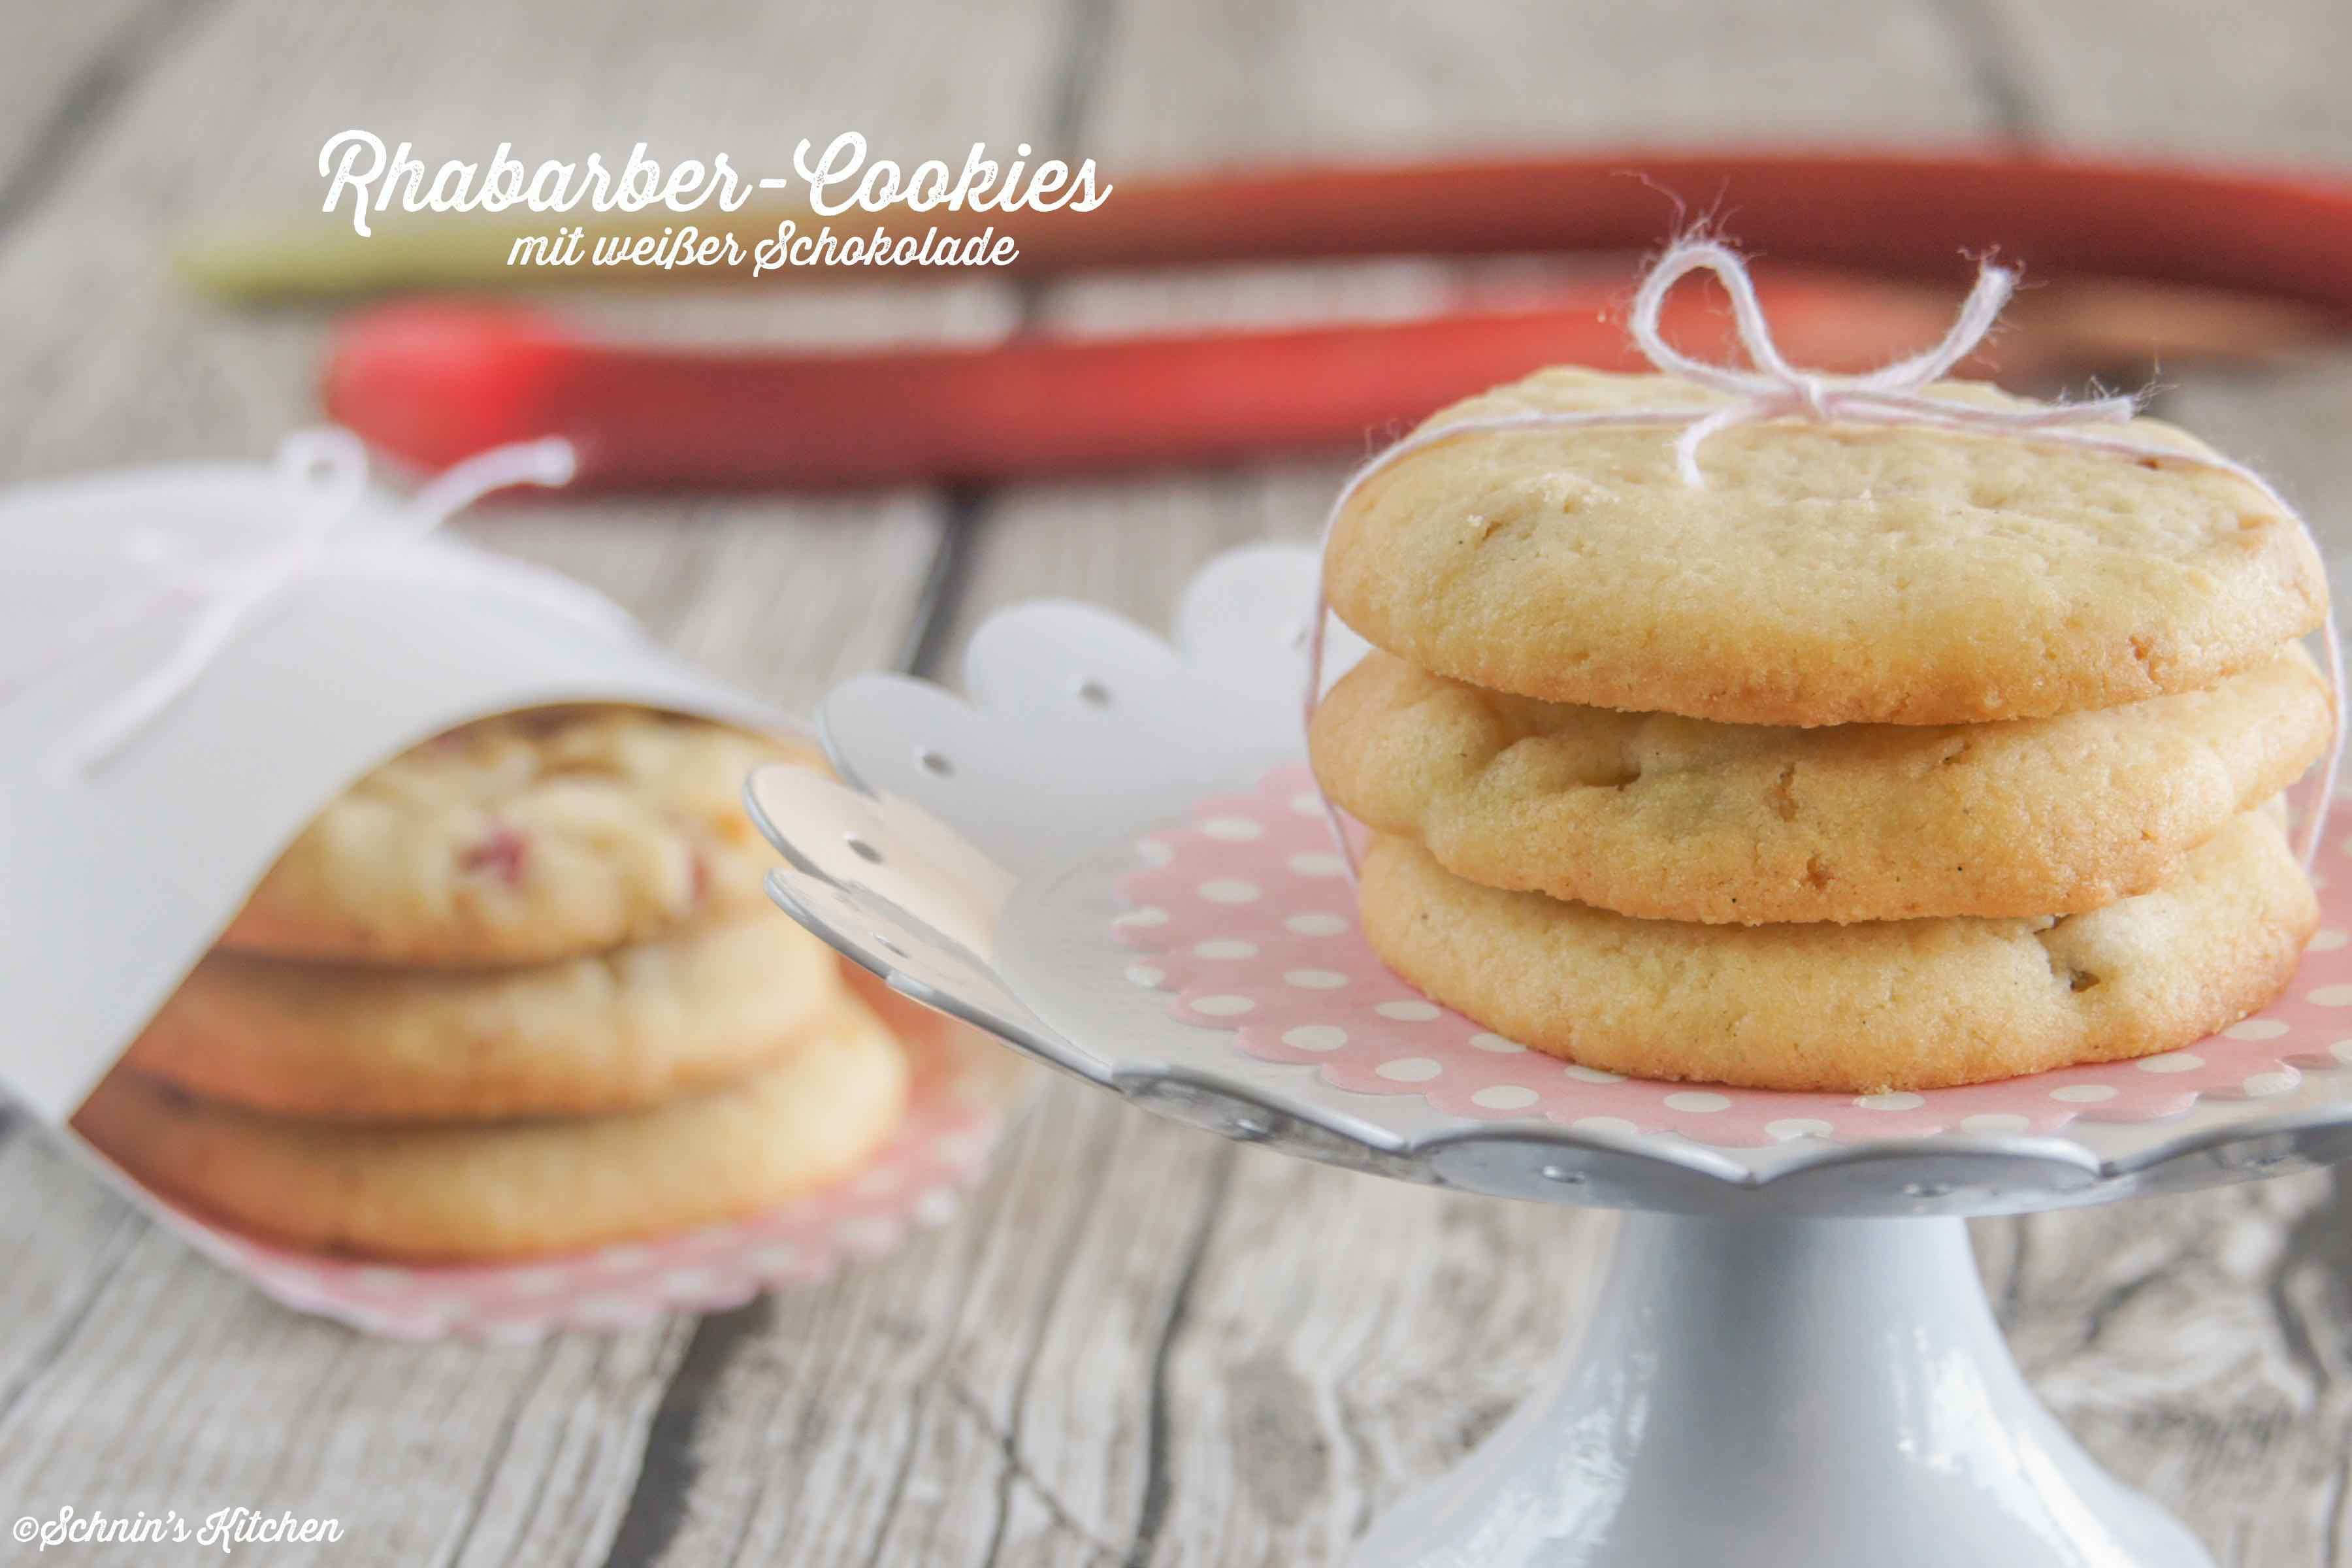 Rhabarber-Cookies mit weißer Schokolade